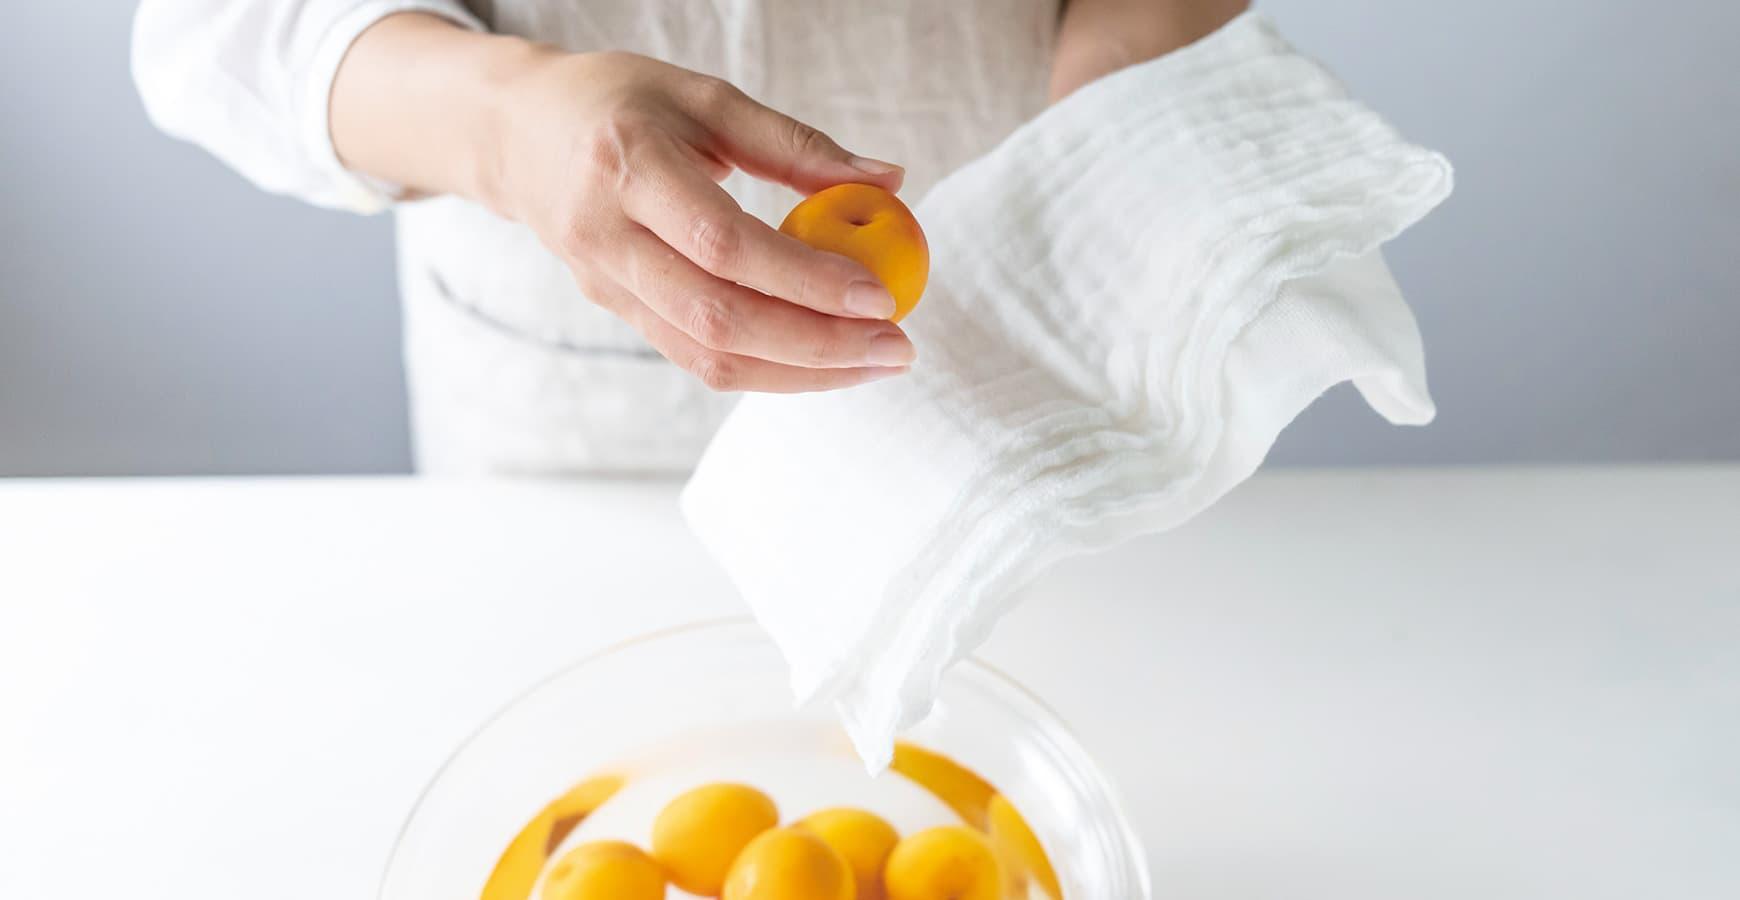 梅干しの漬け方 梅を洗い、水気をとる 石神邑 webコラム